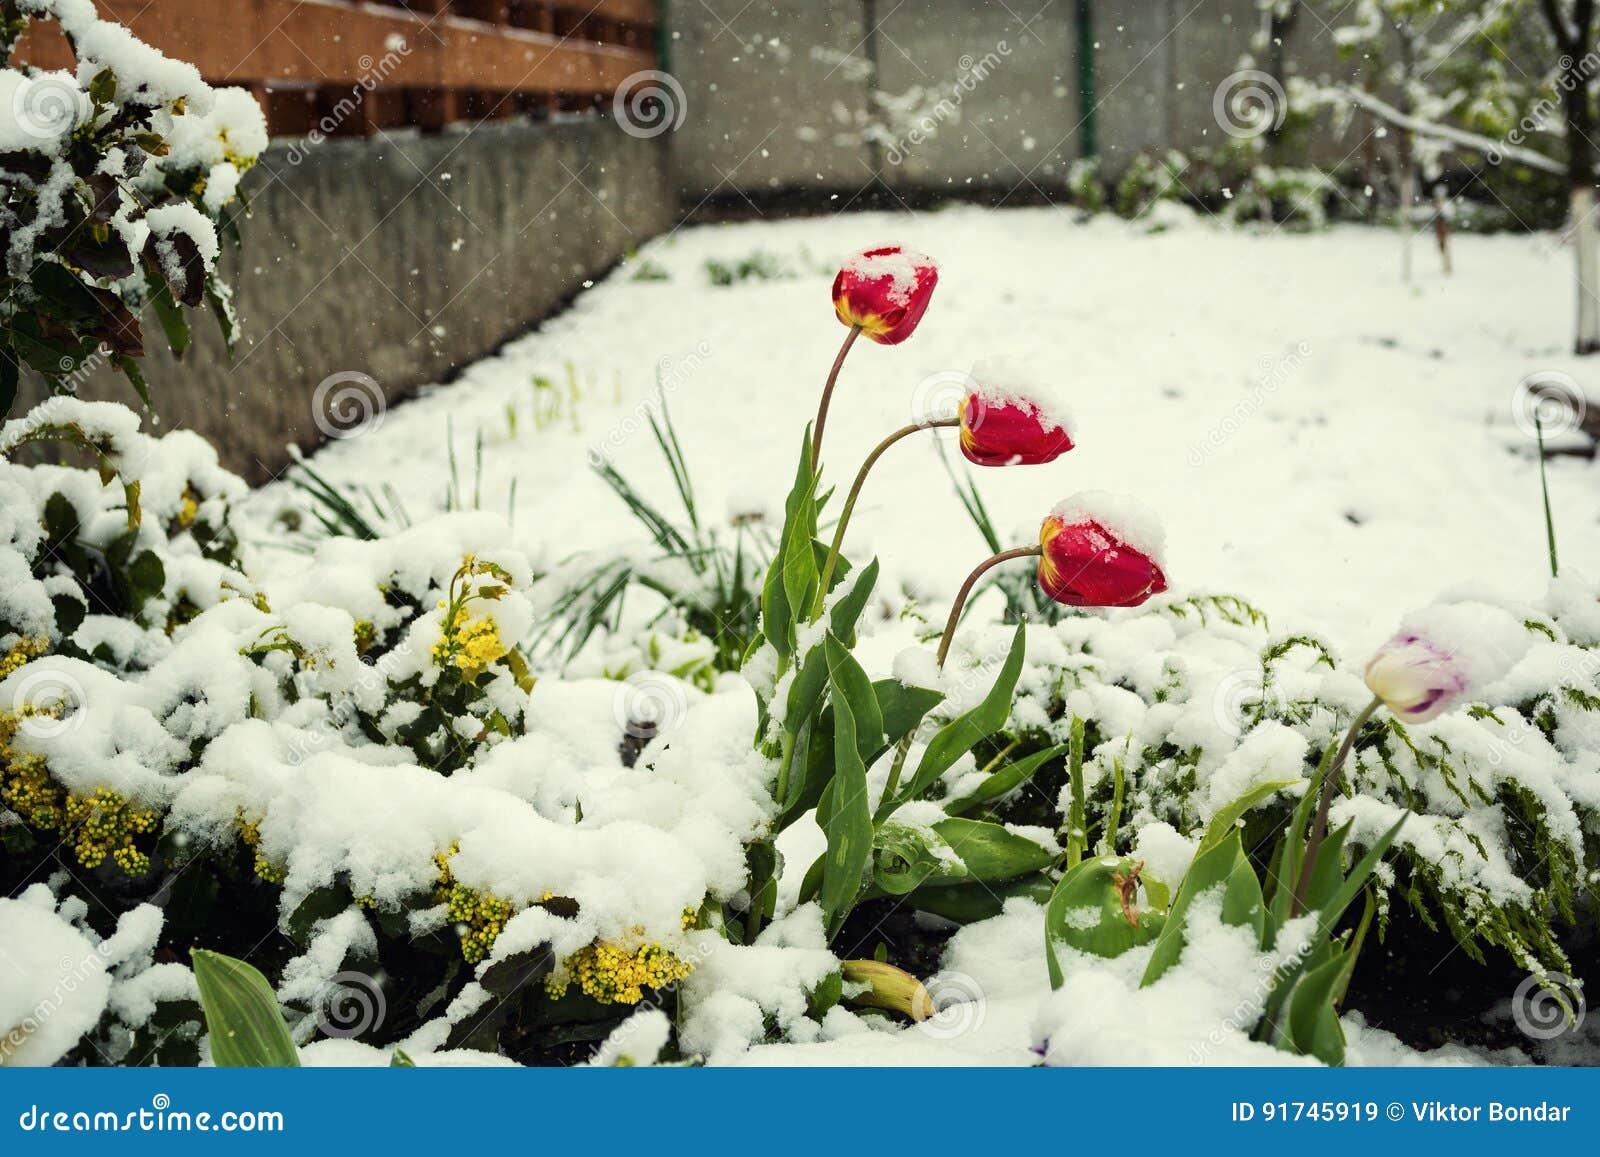 blumen im schnee rote tulpen beim schauen durch den. Black Bedroom Furniture Sets. Home Design Ideas